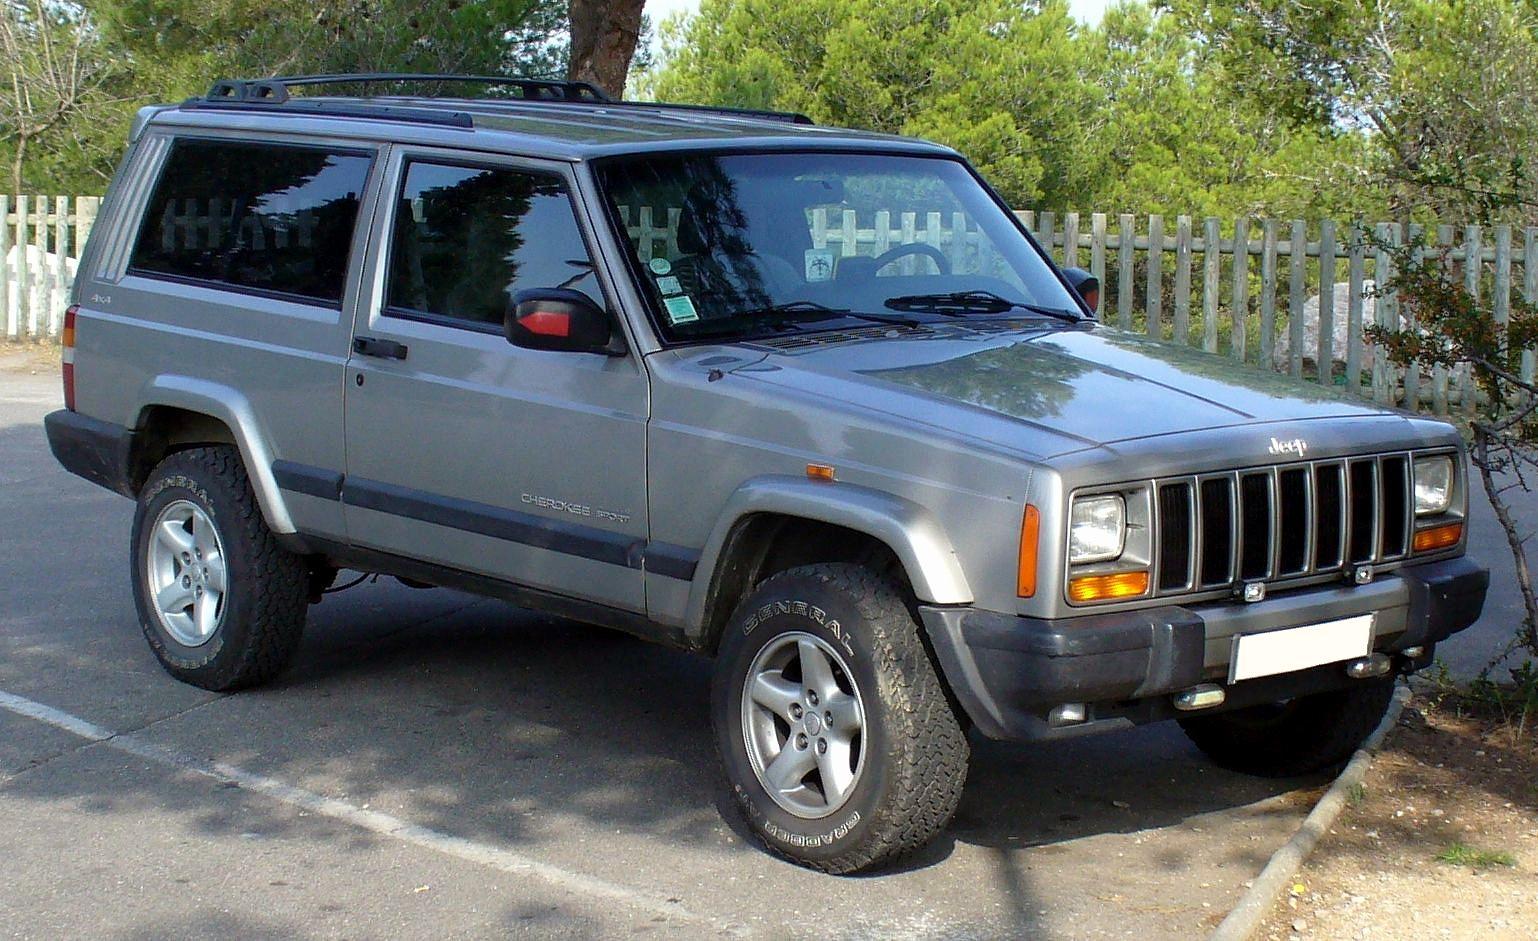 1997 Jeep Cherokee #3 Jeep Cherokee #3